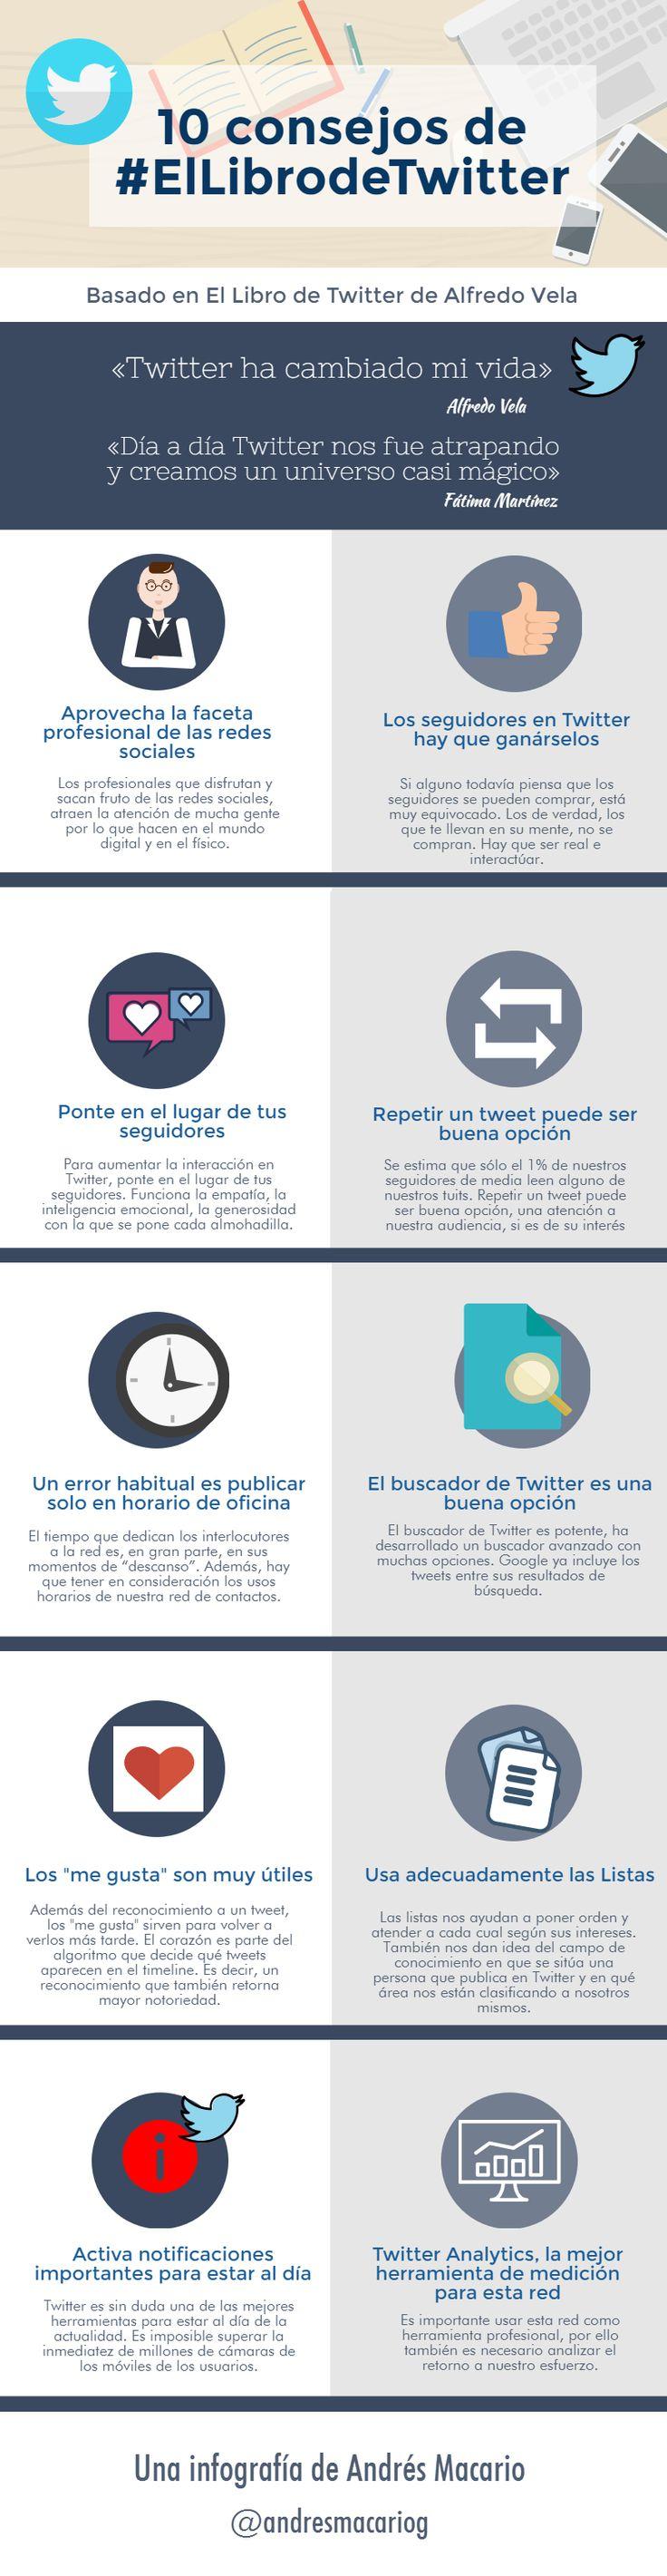 10 consejos sobre #ElLibrodeTwitter #infografia